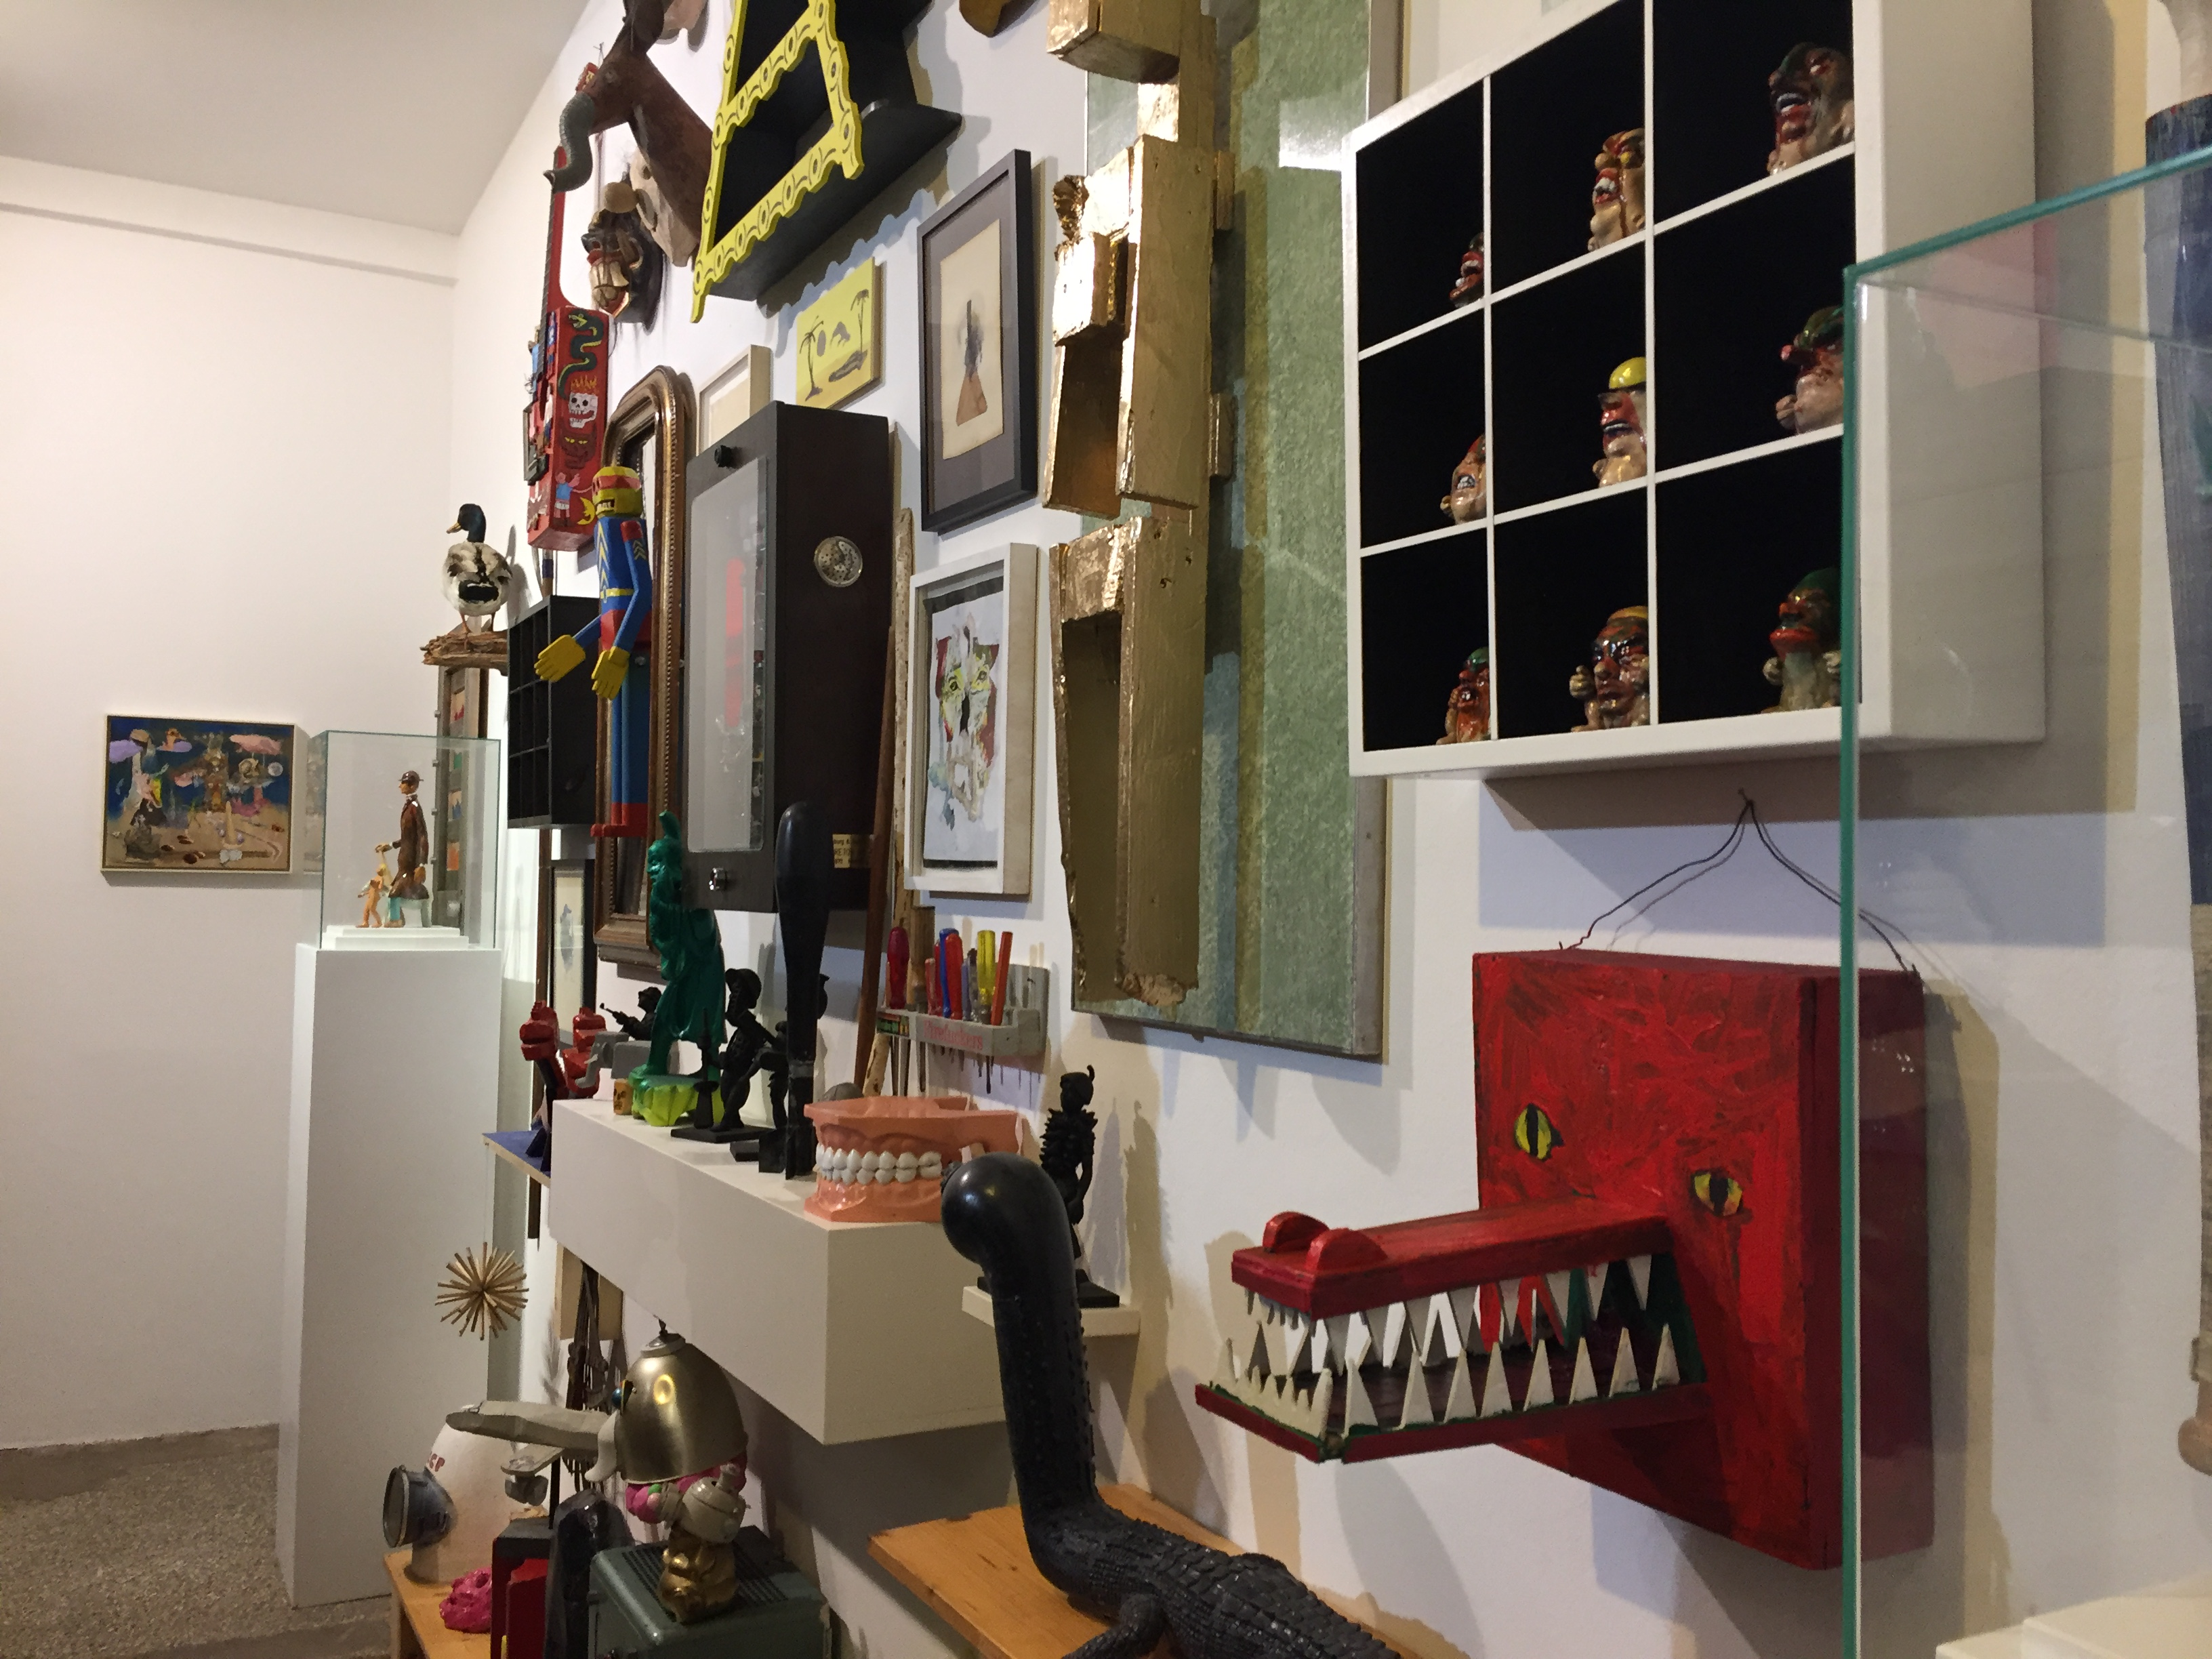 Interior Design Studium Hamburg interior design studium hamburg tour cus hamburg interior